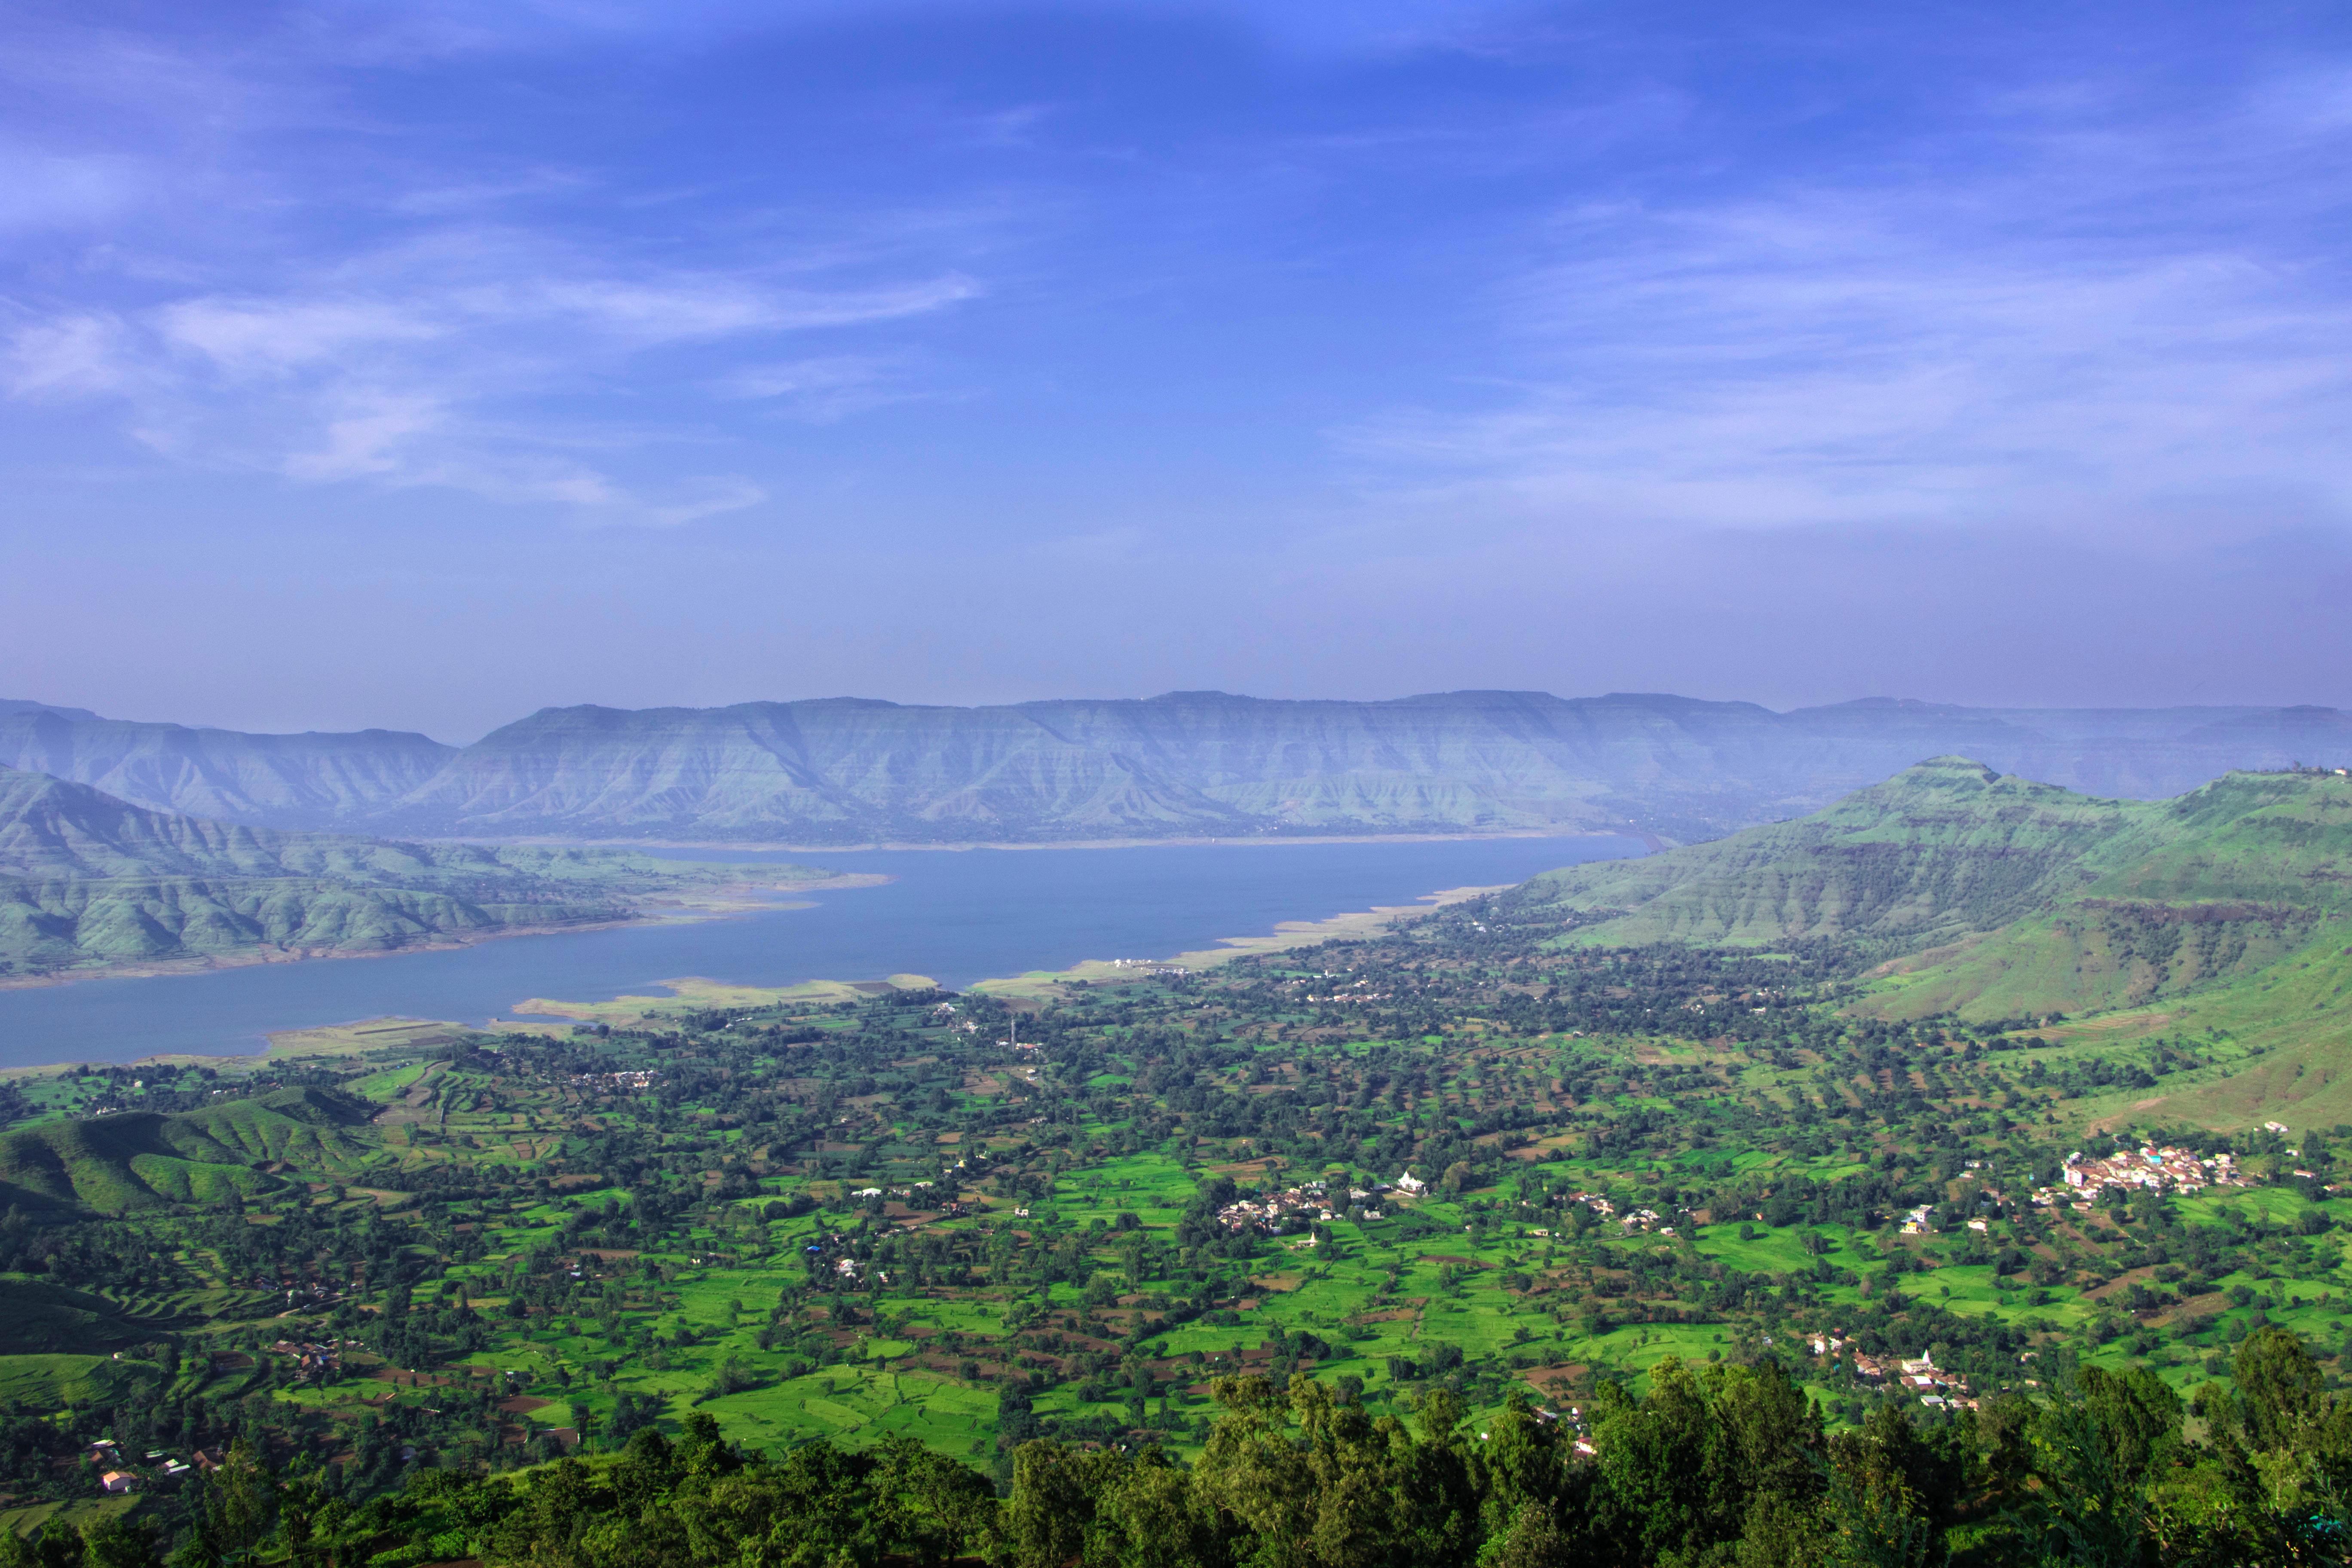 PC: Nitish Kadam